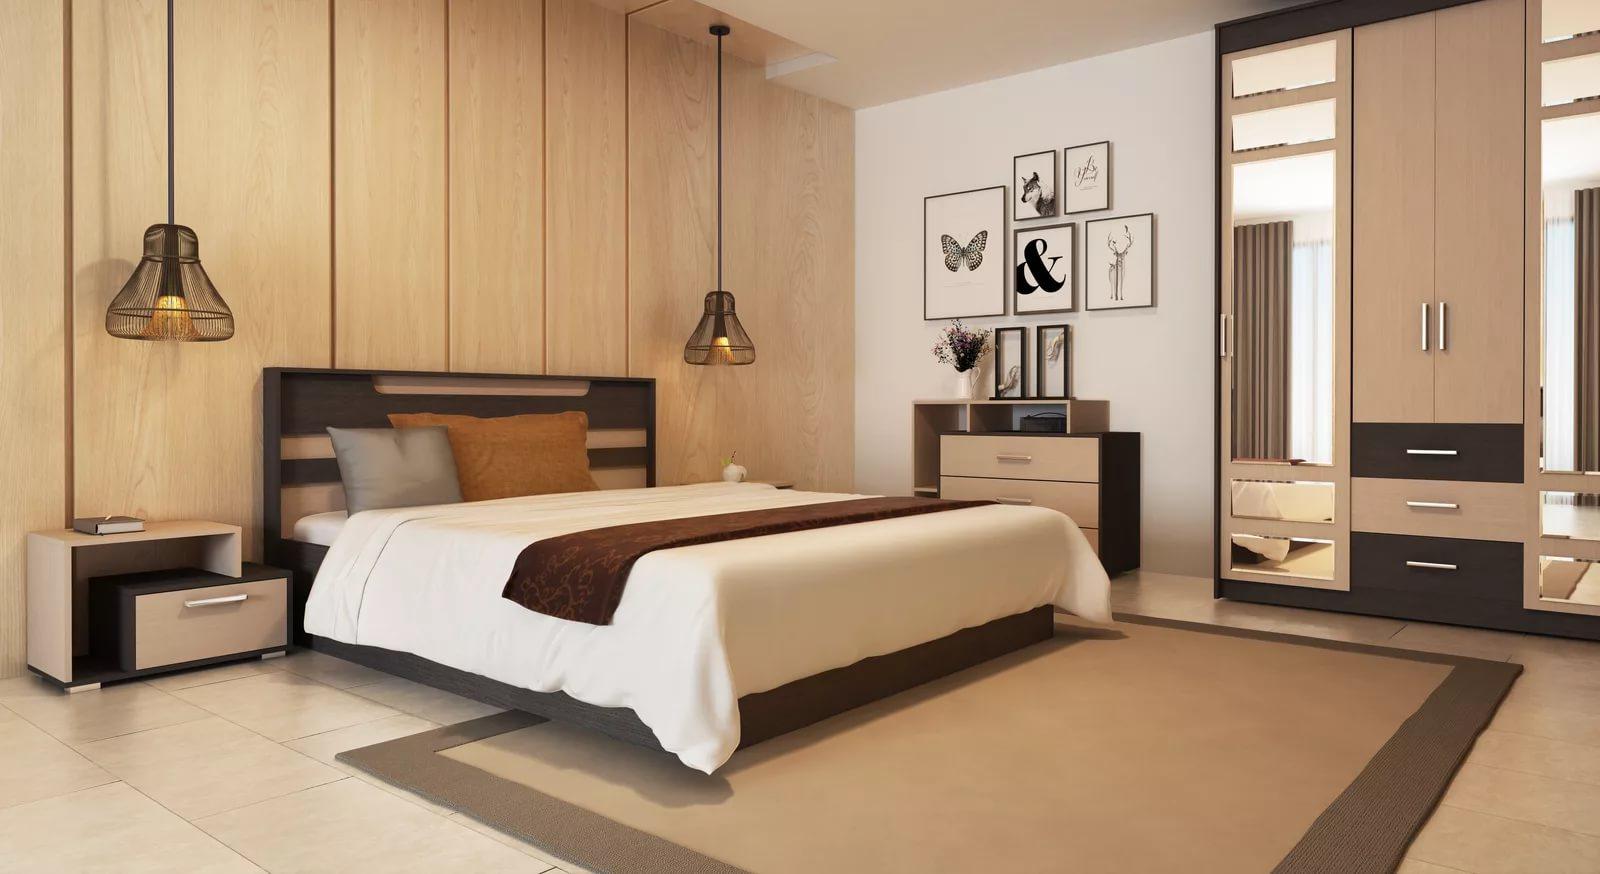 Спальни мебель в картинках